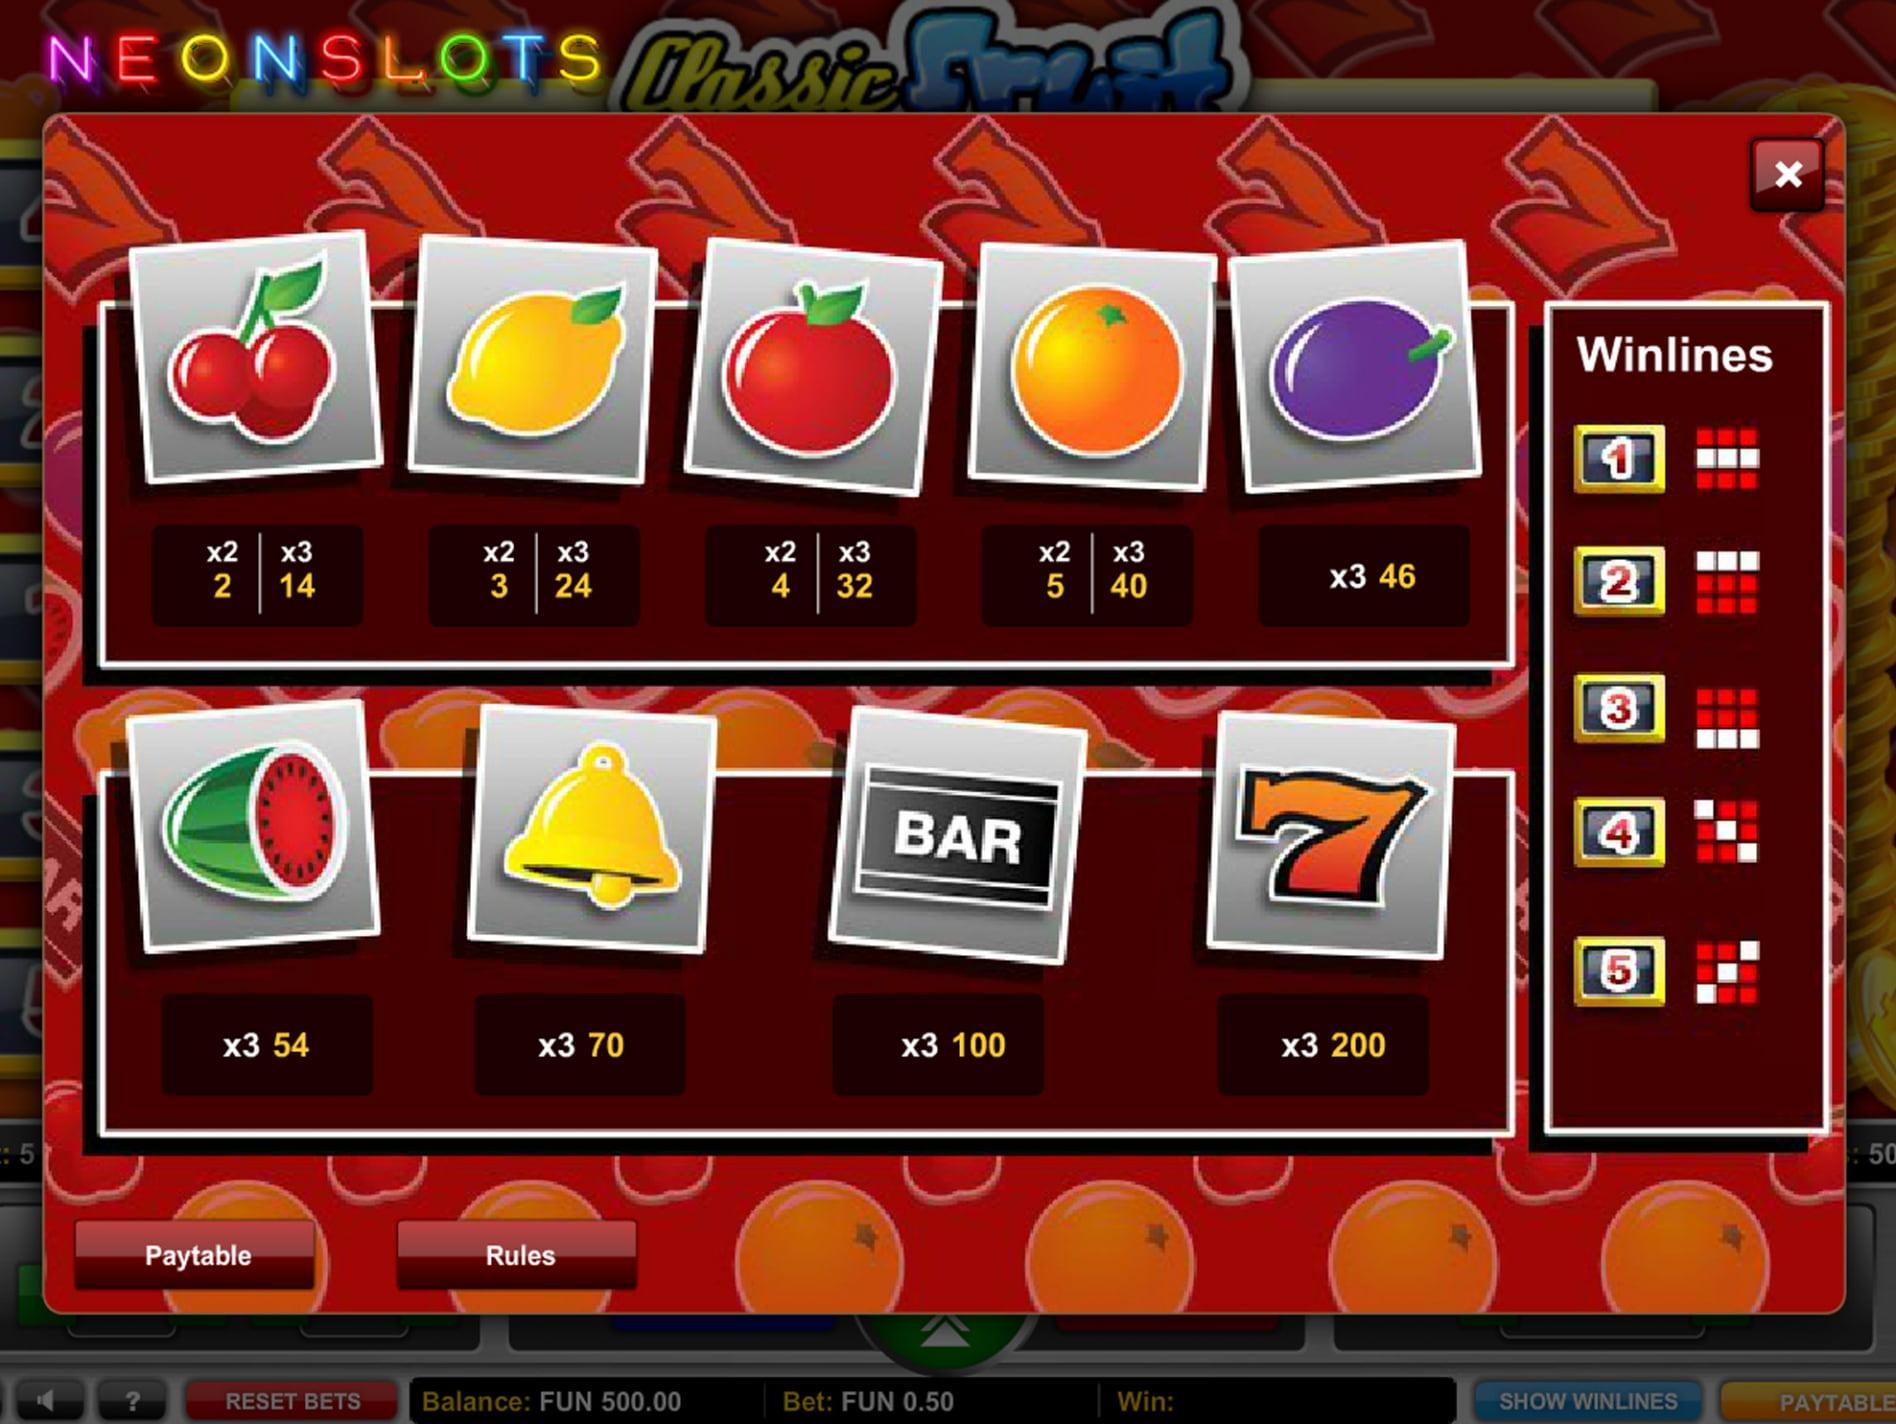 Bingo keno casino online legales en Santiago 365370